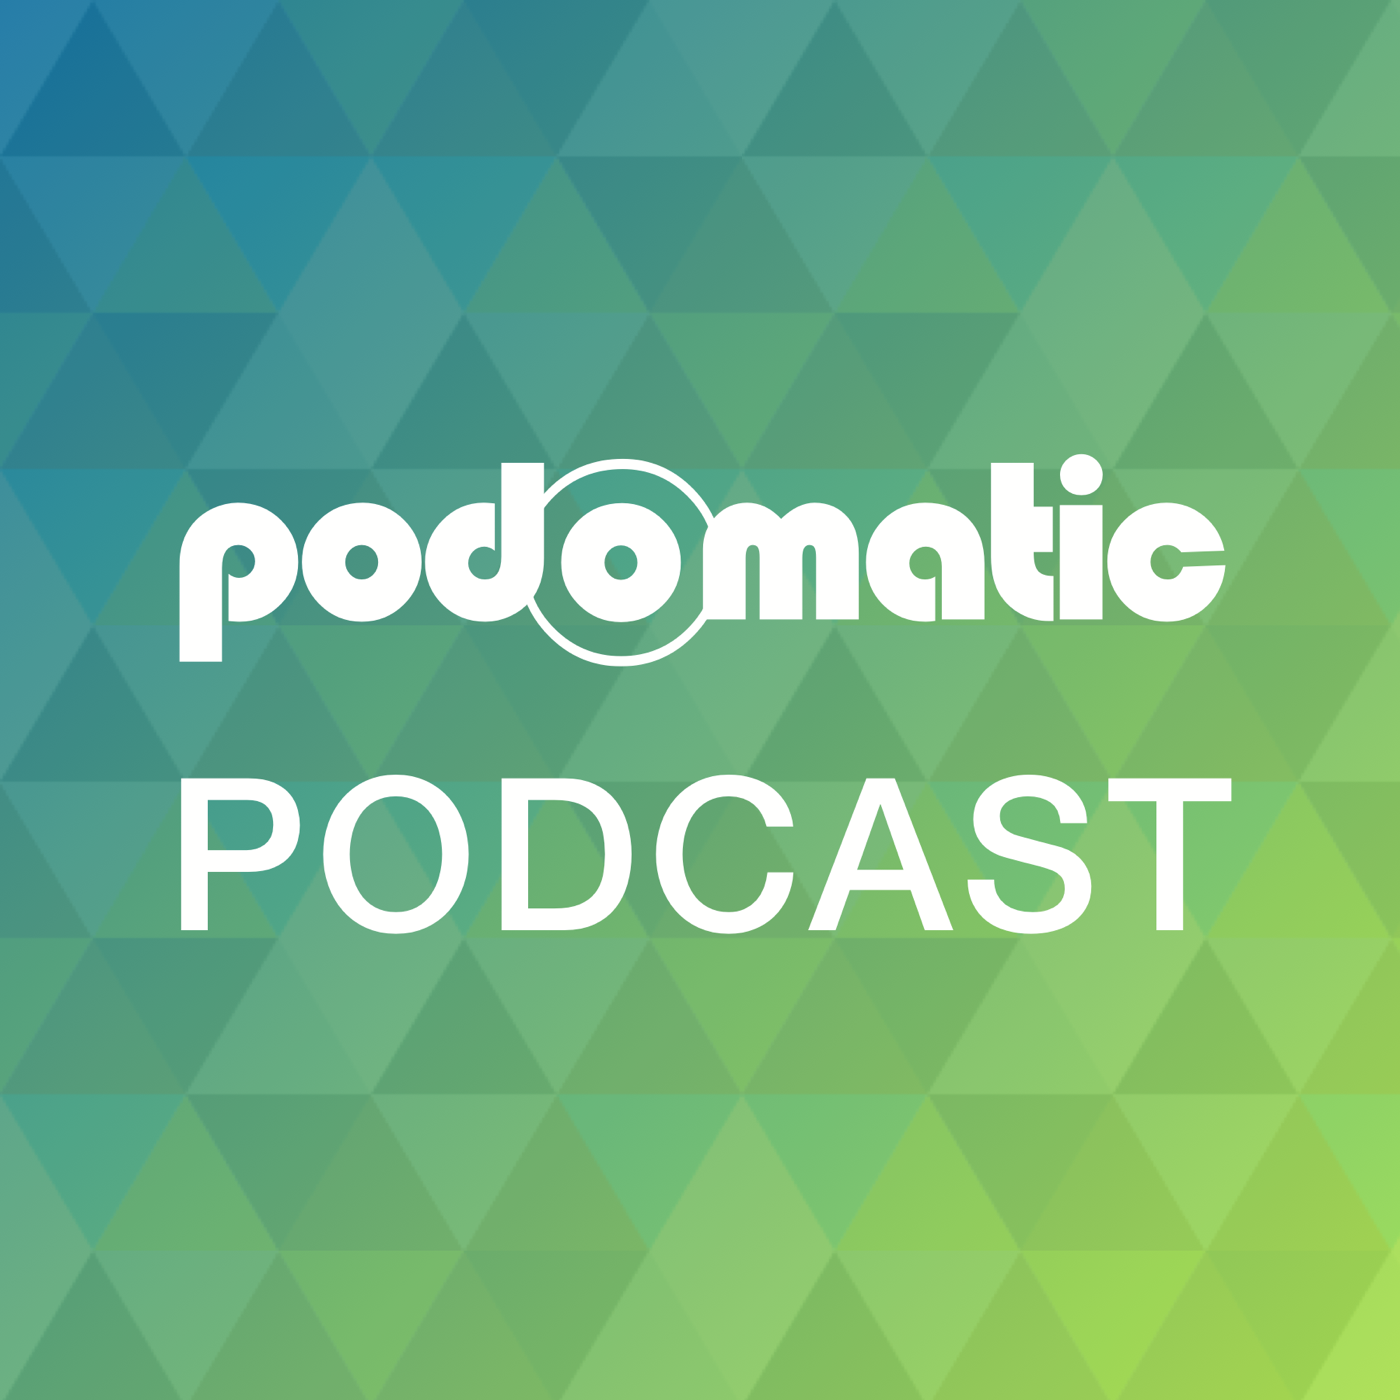 Yulianna's Paraphernalia's Podcast